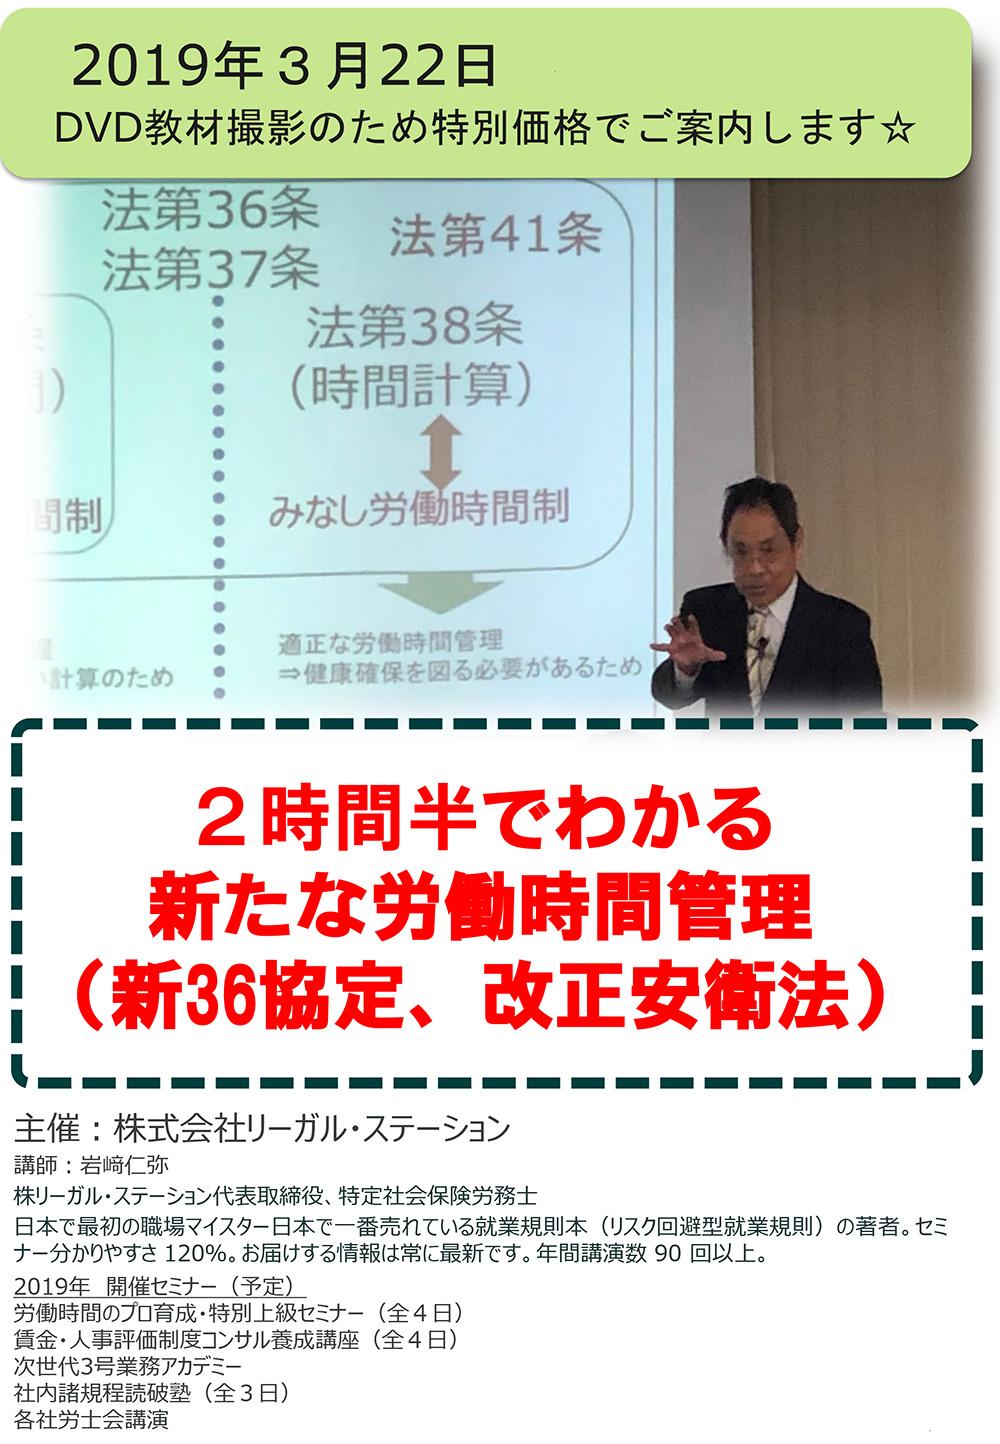 2019年3月22日 2時間半でわかる!新たな労働時間管理(新36協定、改定安衛法)【東京】【募集終了】